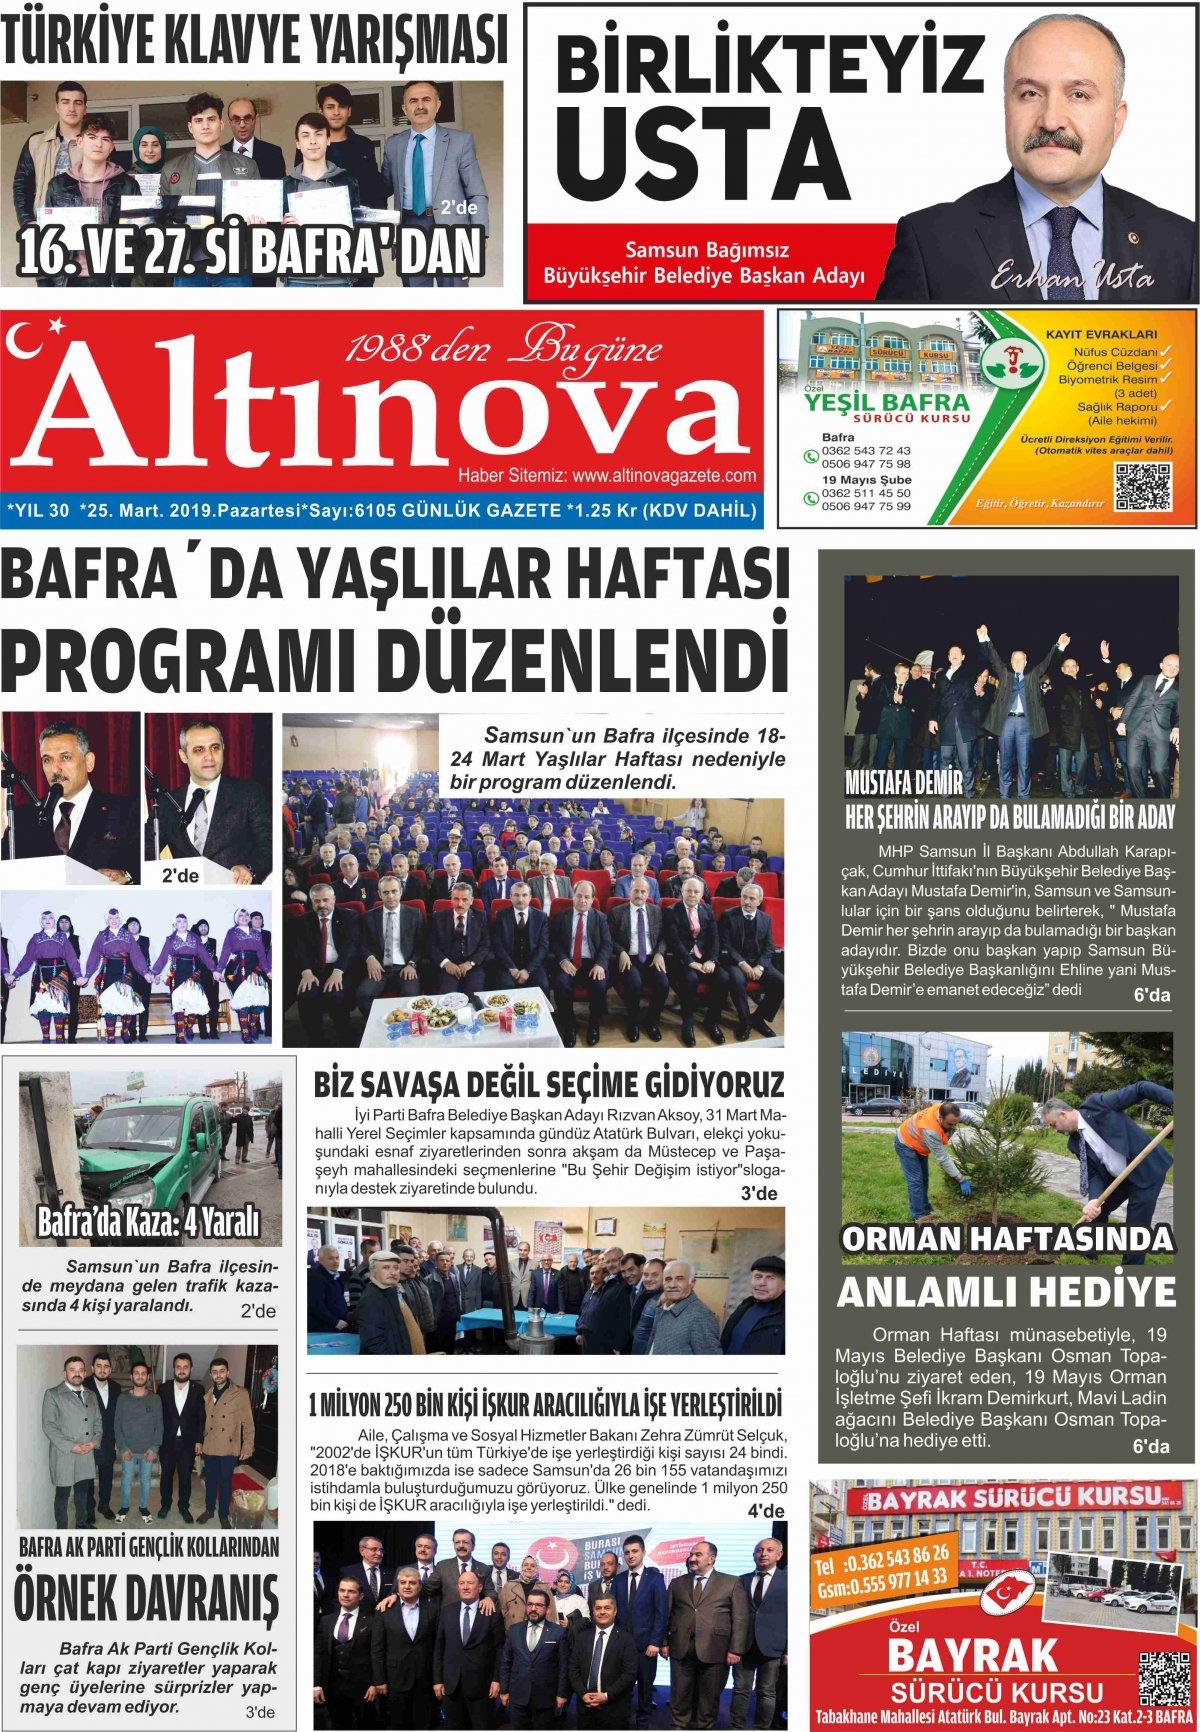 Samsun Bafra Haberleri | Samsun Haberleri - Haber, Haberler - 25.03.2019 Manşeti